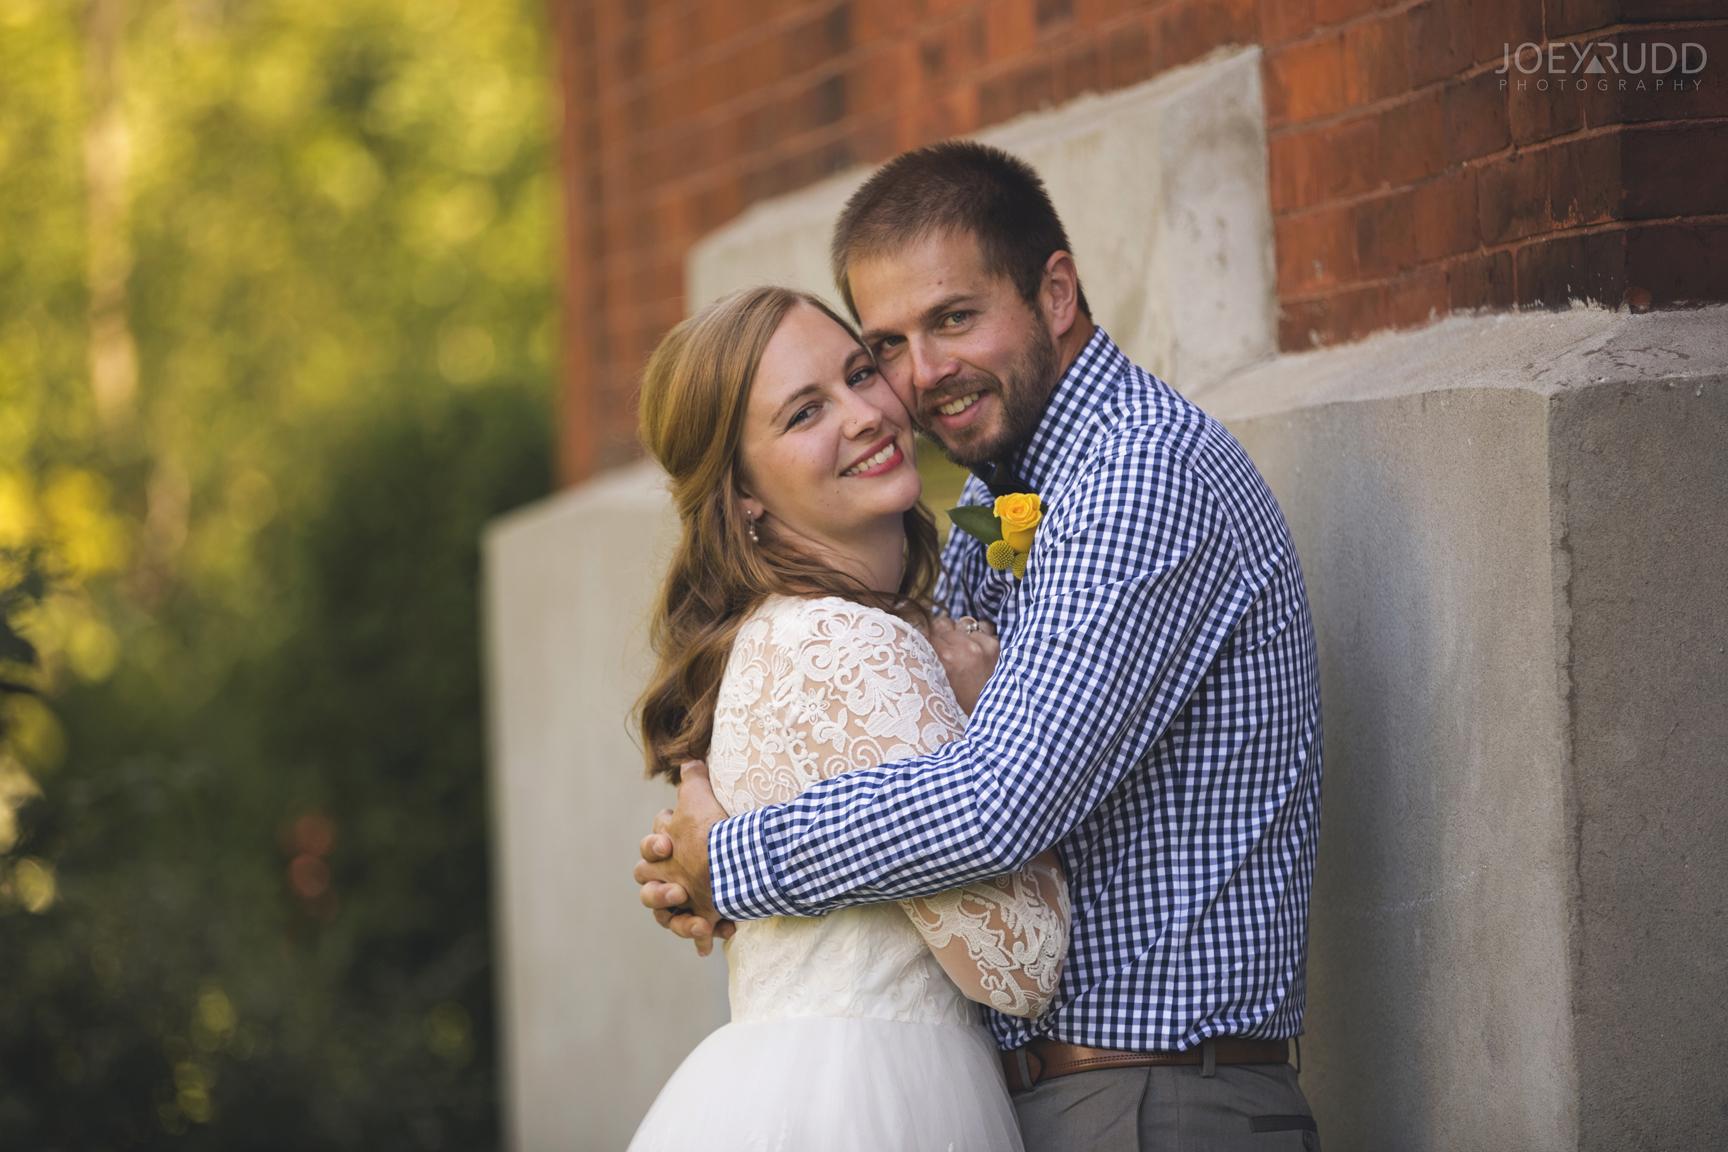 Ottawa Elopement by Joey Rudd Photography Ottawa Wedding Photographer Mer Bleue Ottawa Wedding Chapel Couple